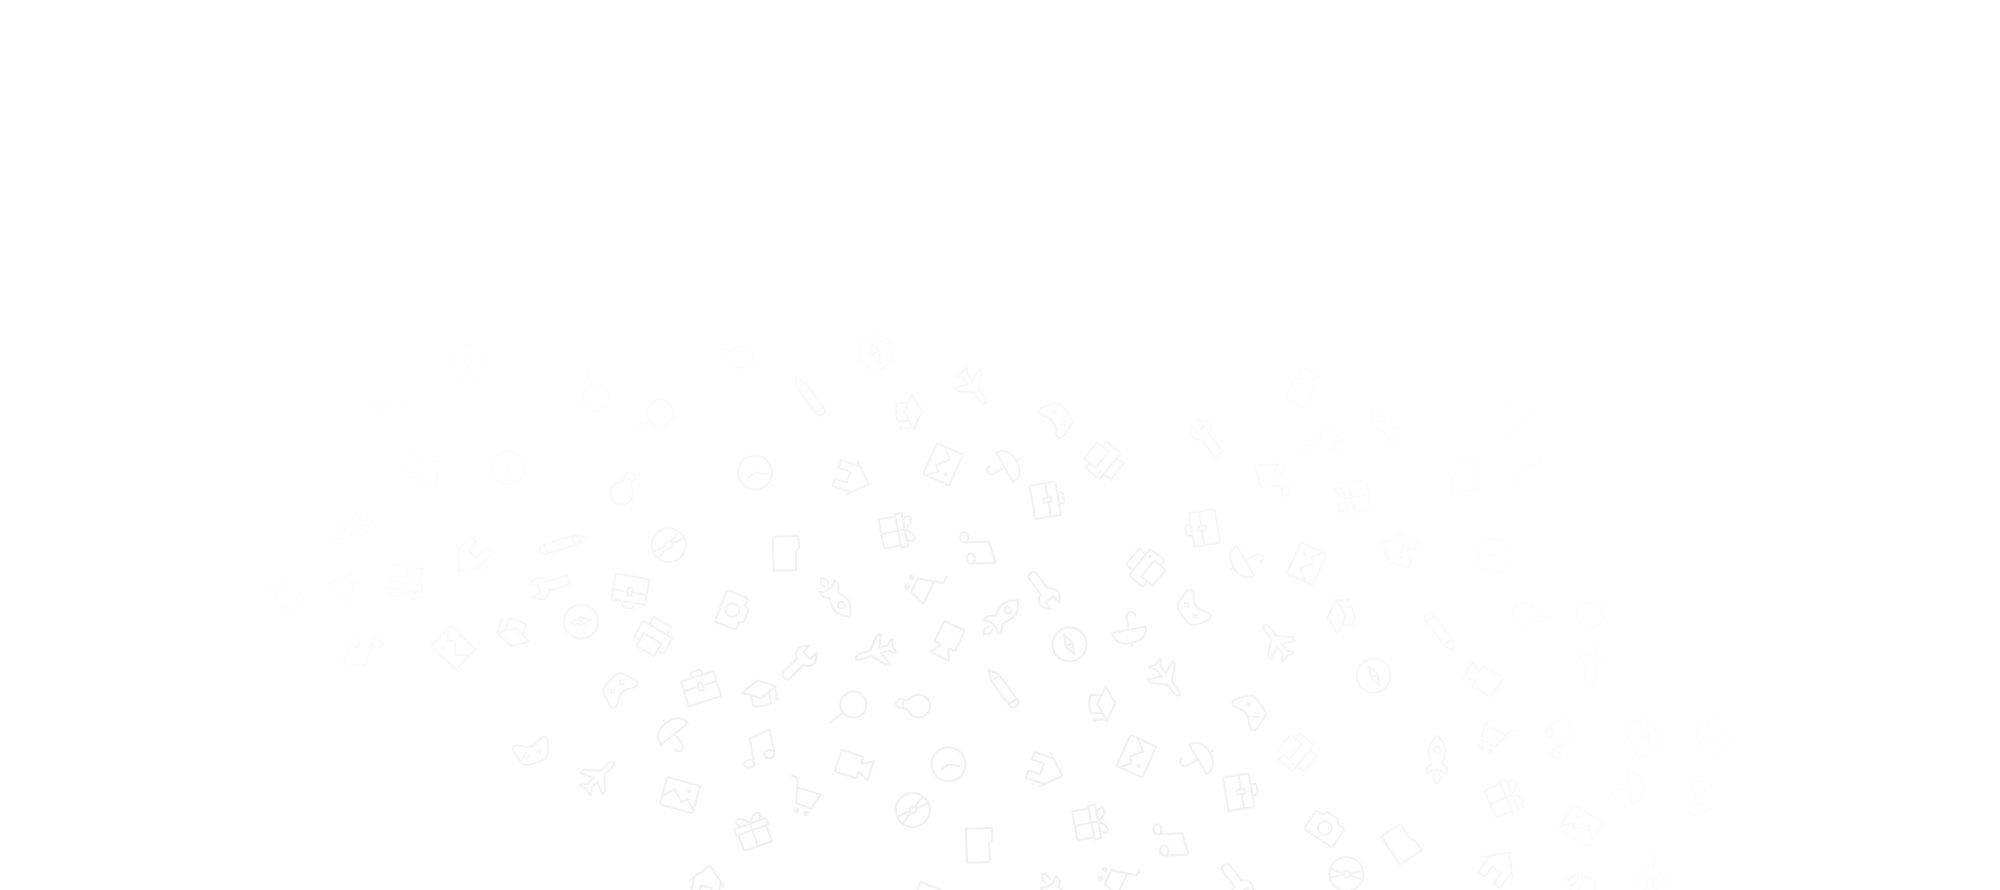 دست دو / اولین سایت جامع خرید و فروش کالای نو و دست دوم